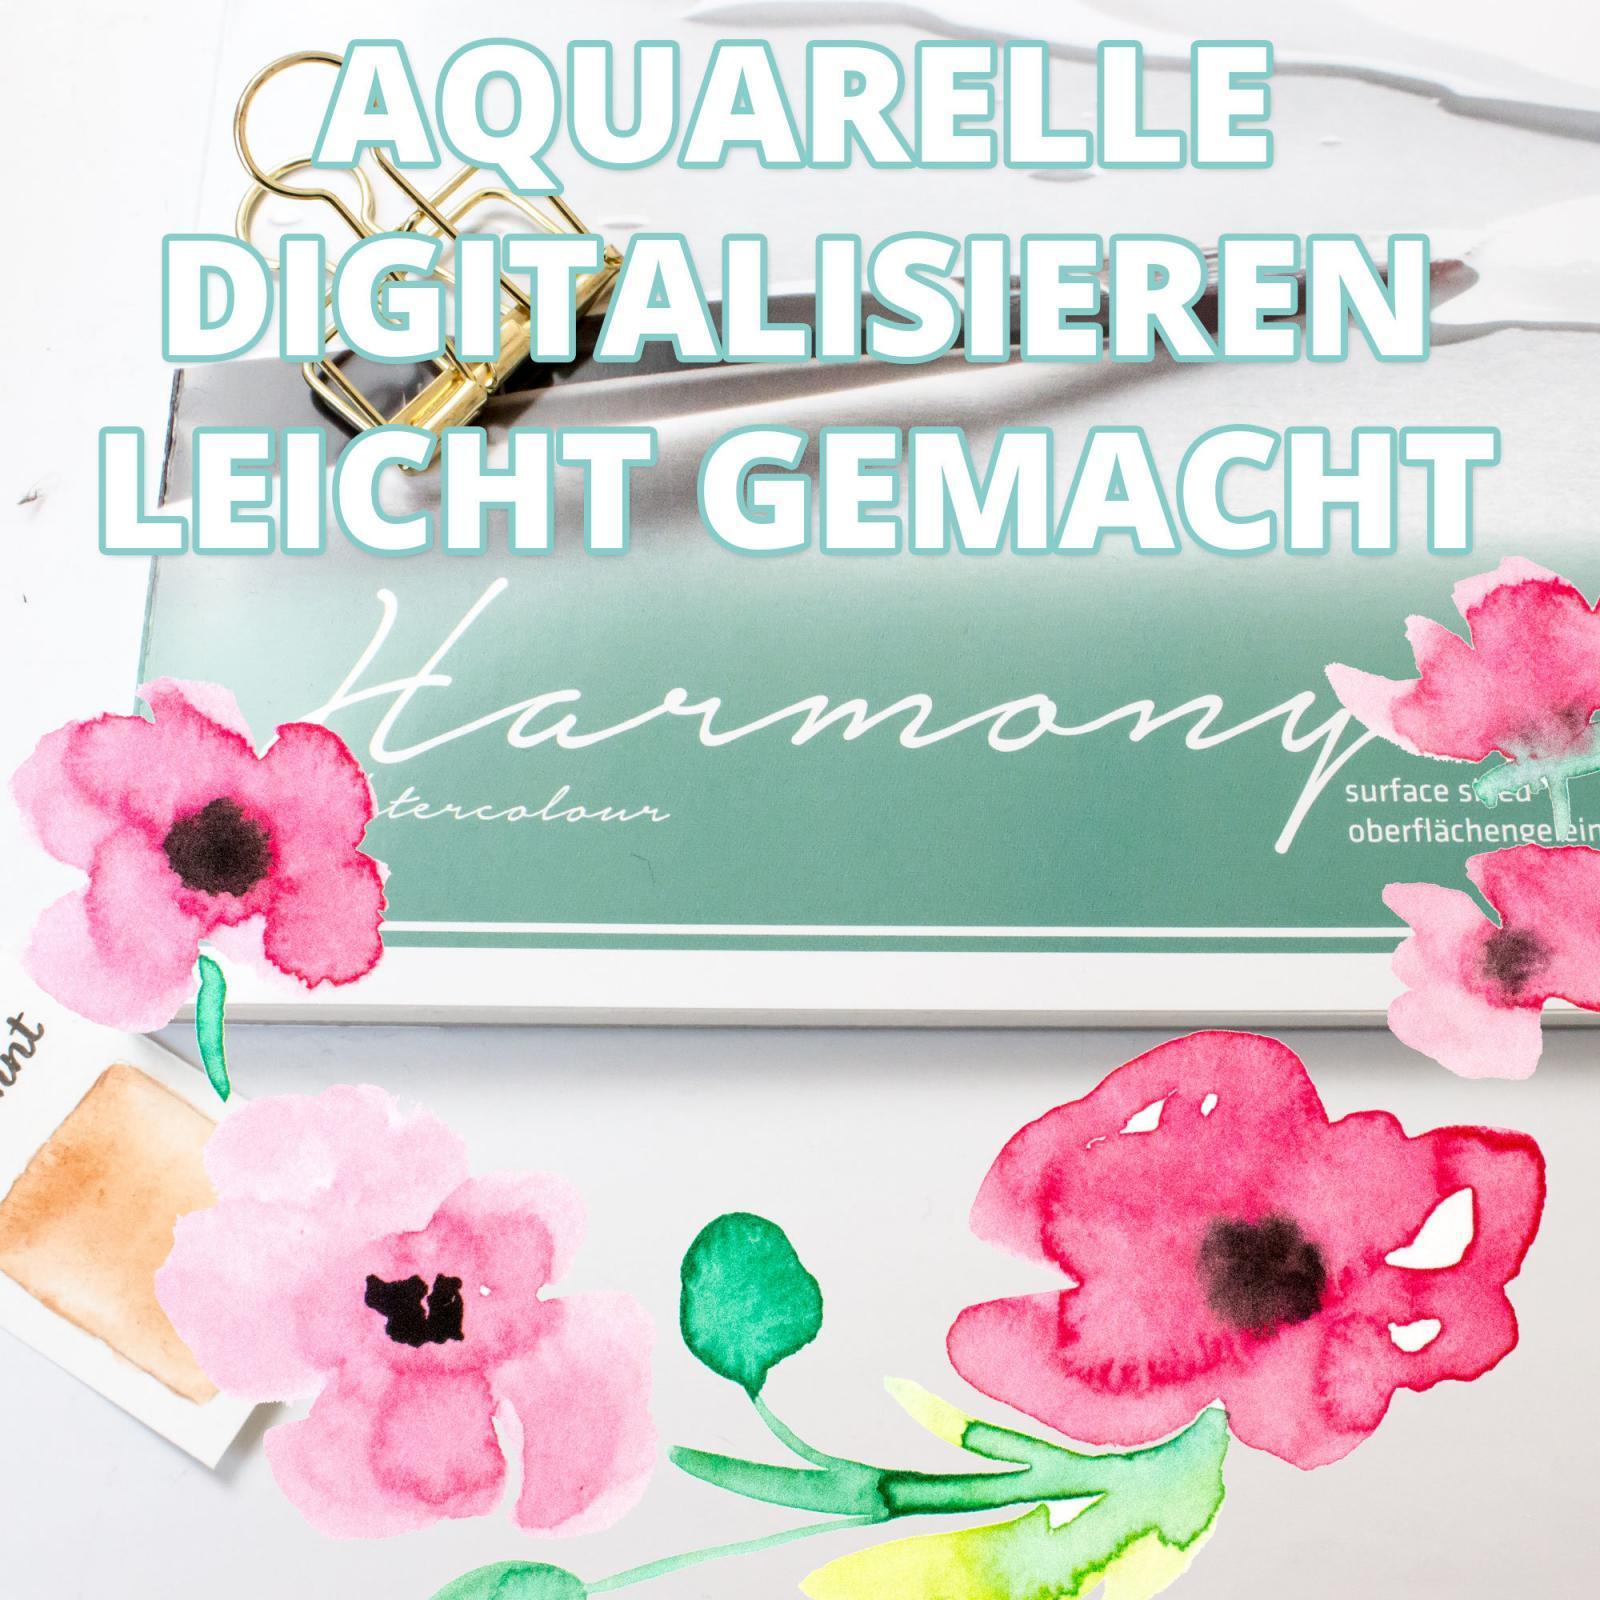 Hahnemühle Harmony Aquarellpapier | Aquarelle digitalisieren leicht gemacht | Testbericht mit Video von farbcafe.de